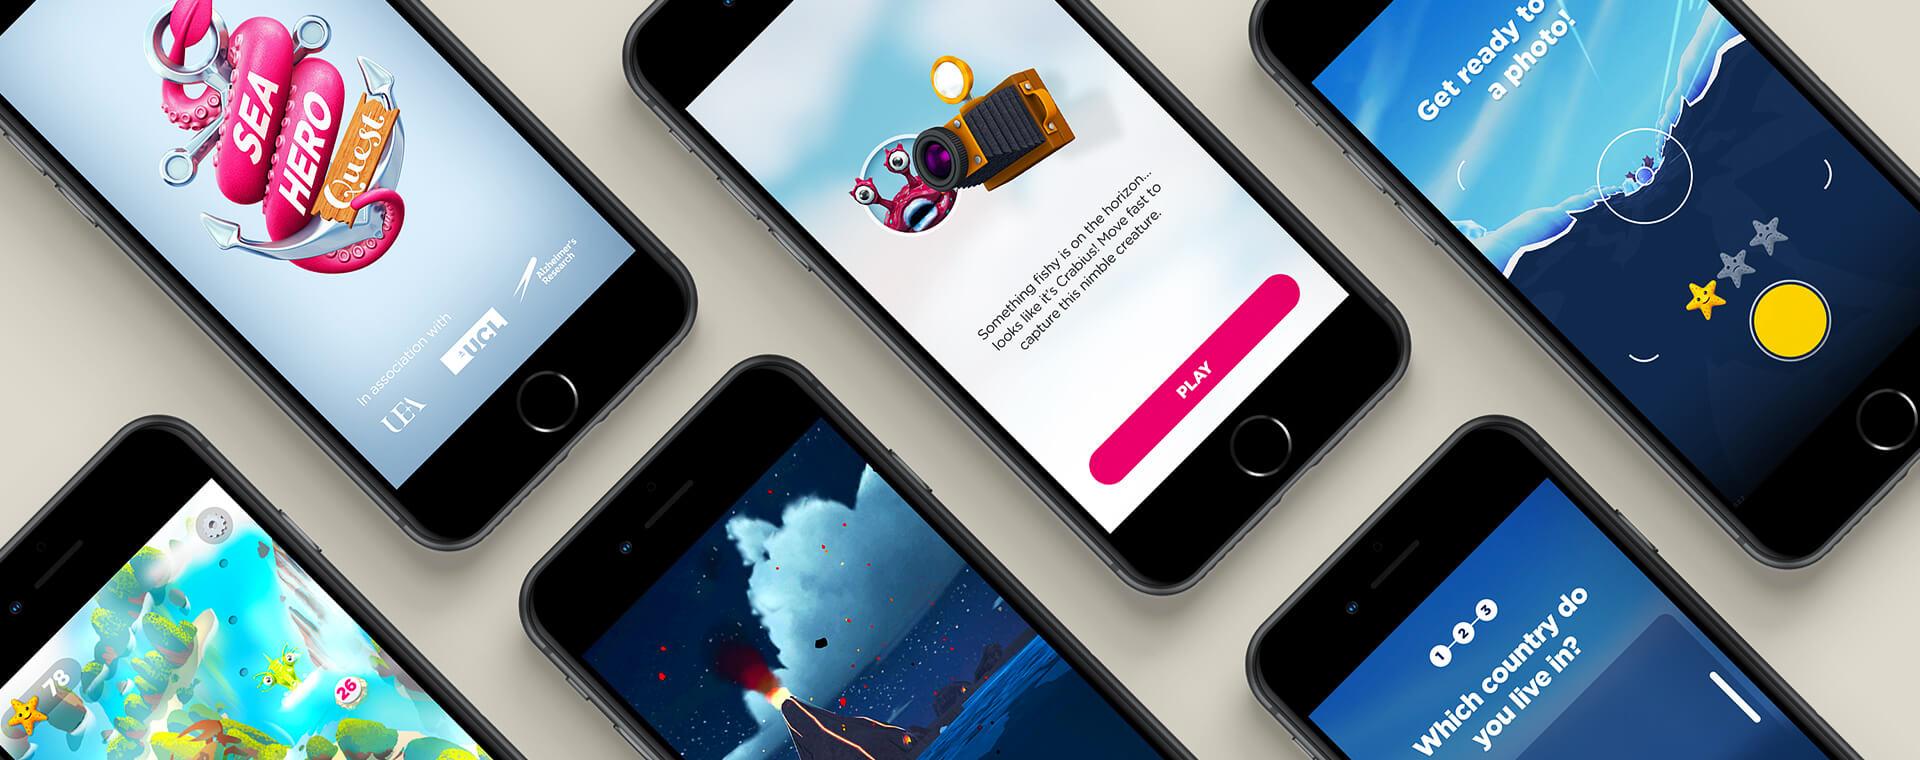 app-header